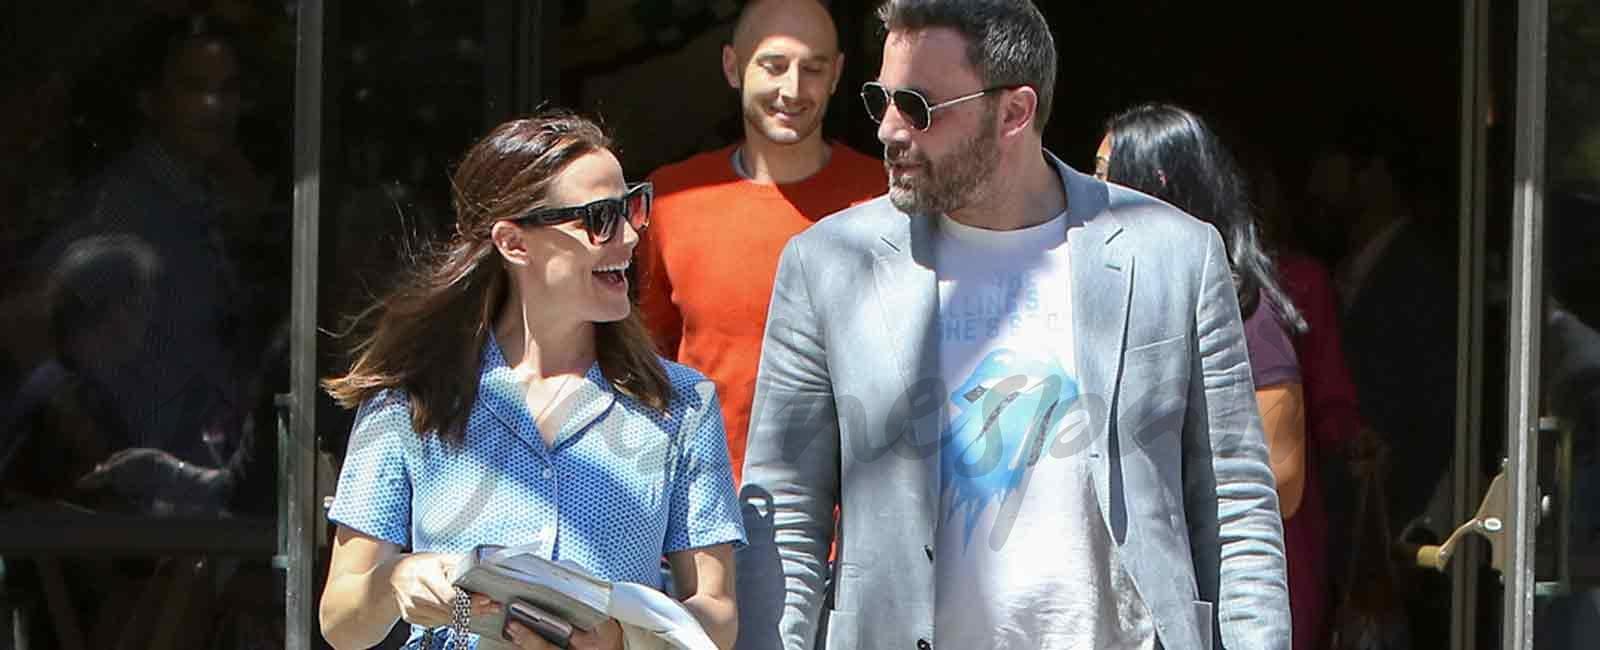 Ben Affleck quiere volver con Jennifer Garner